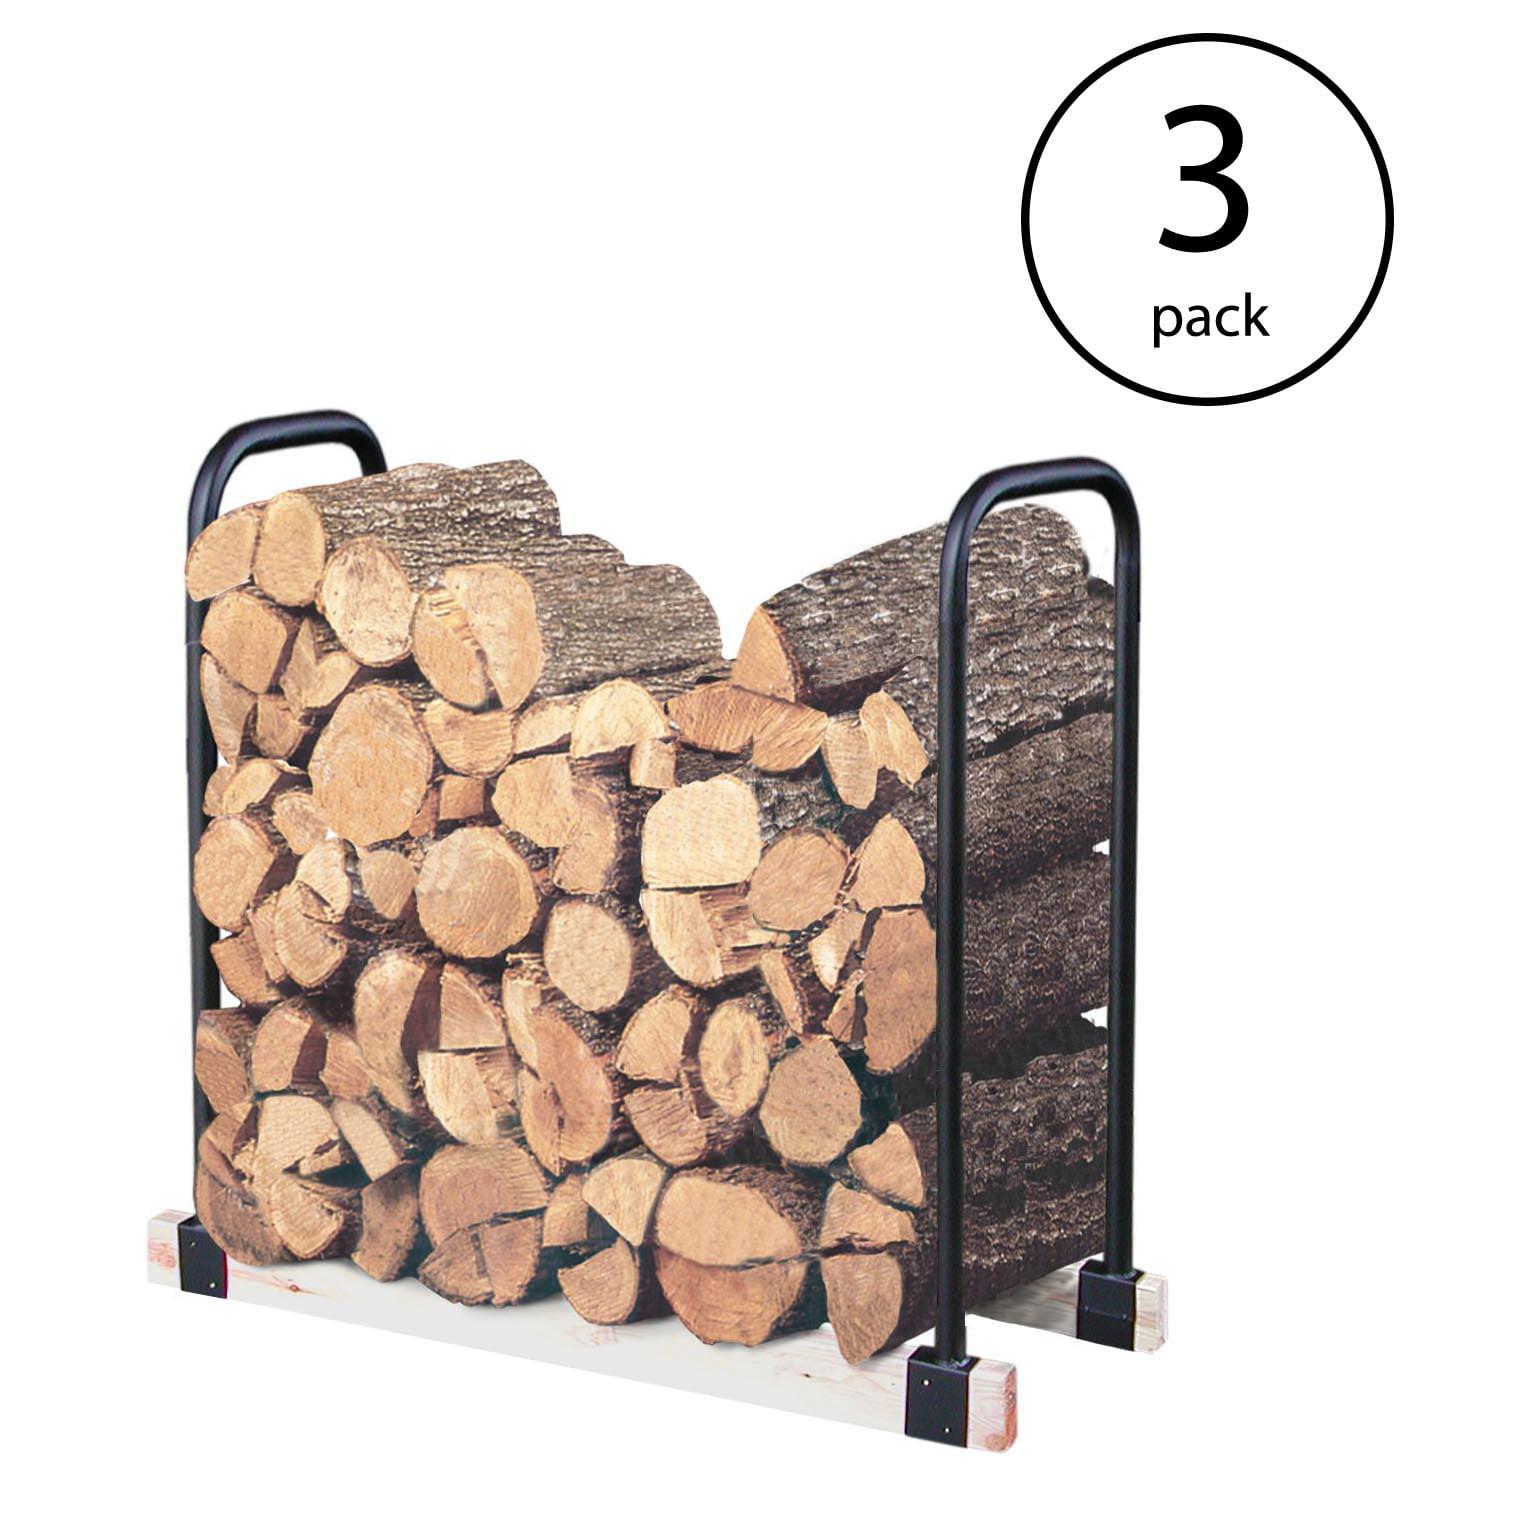 Landmann Adjustable 16 Foot Tubular Steel Firewood, Kindling & Log Rack (3 Pack)